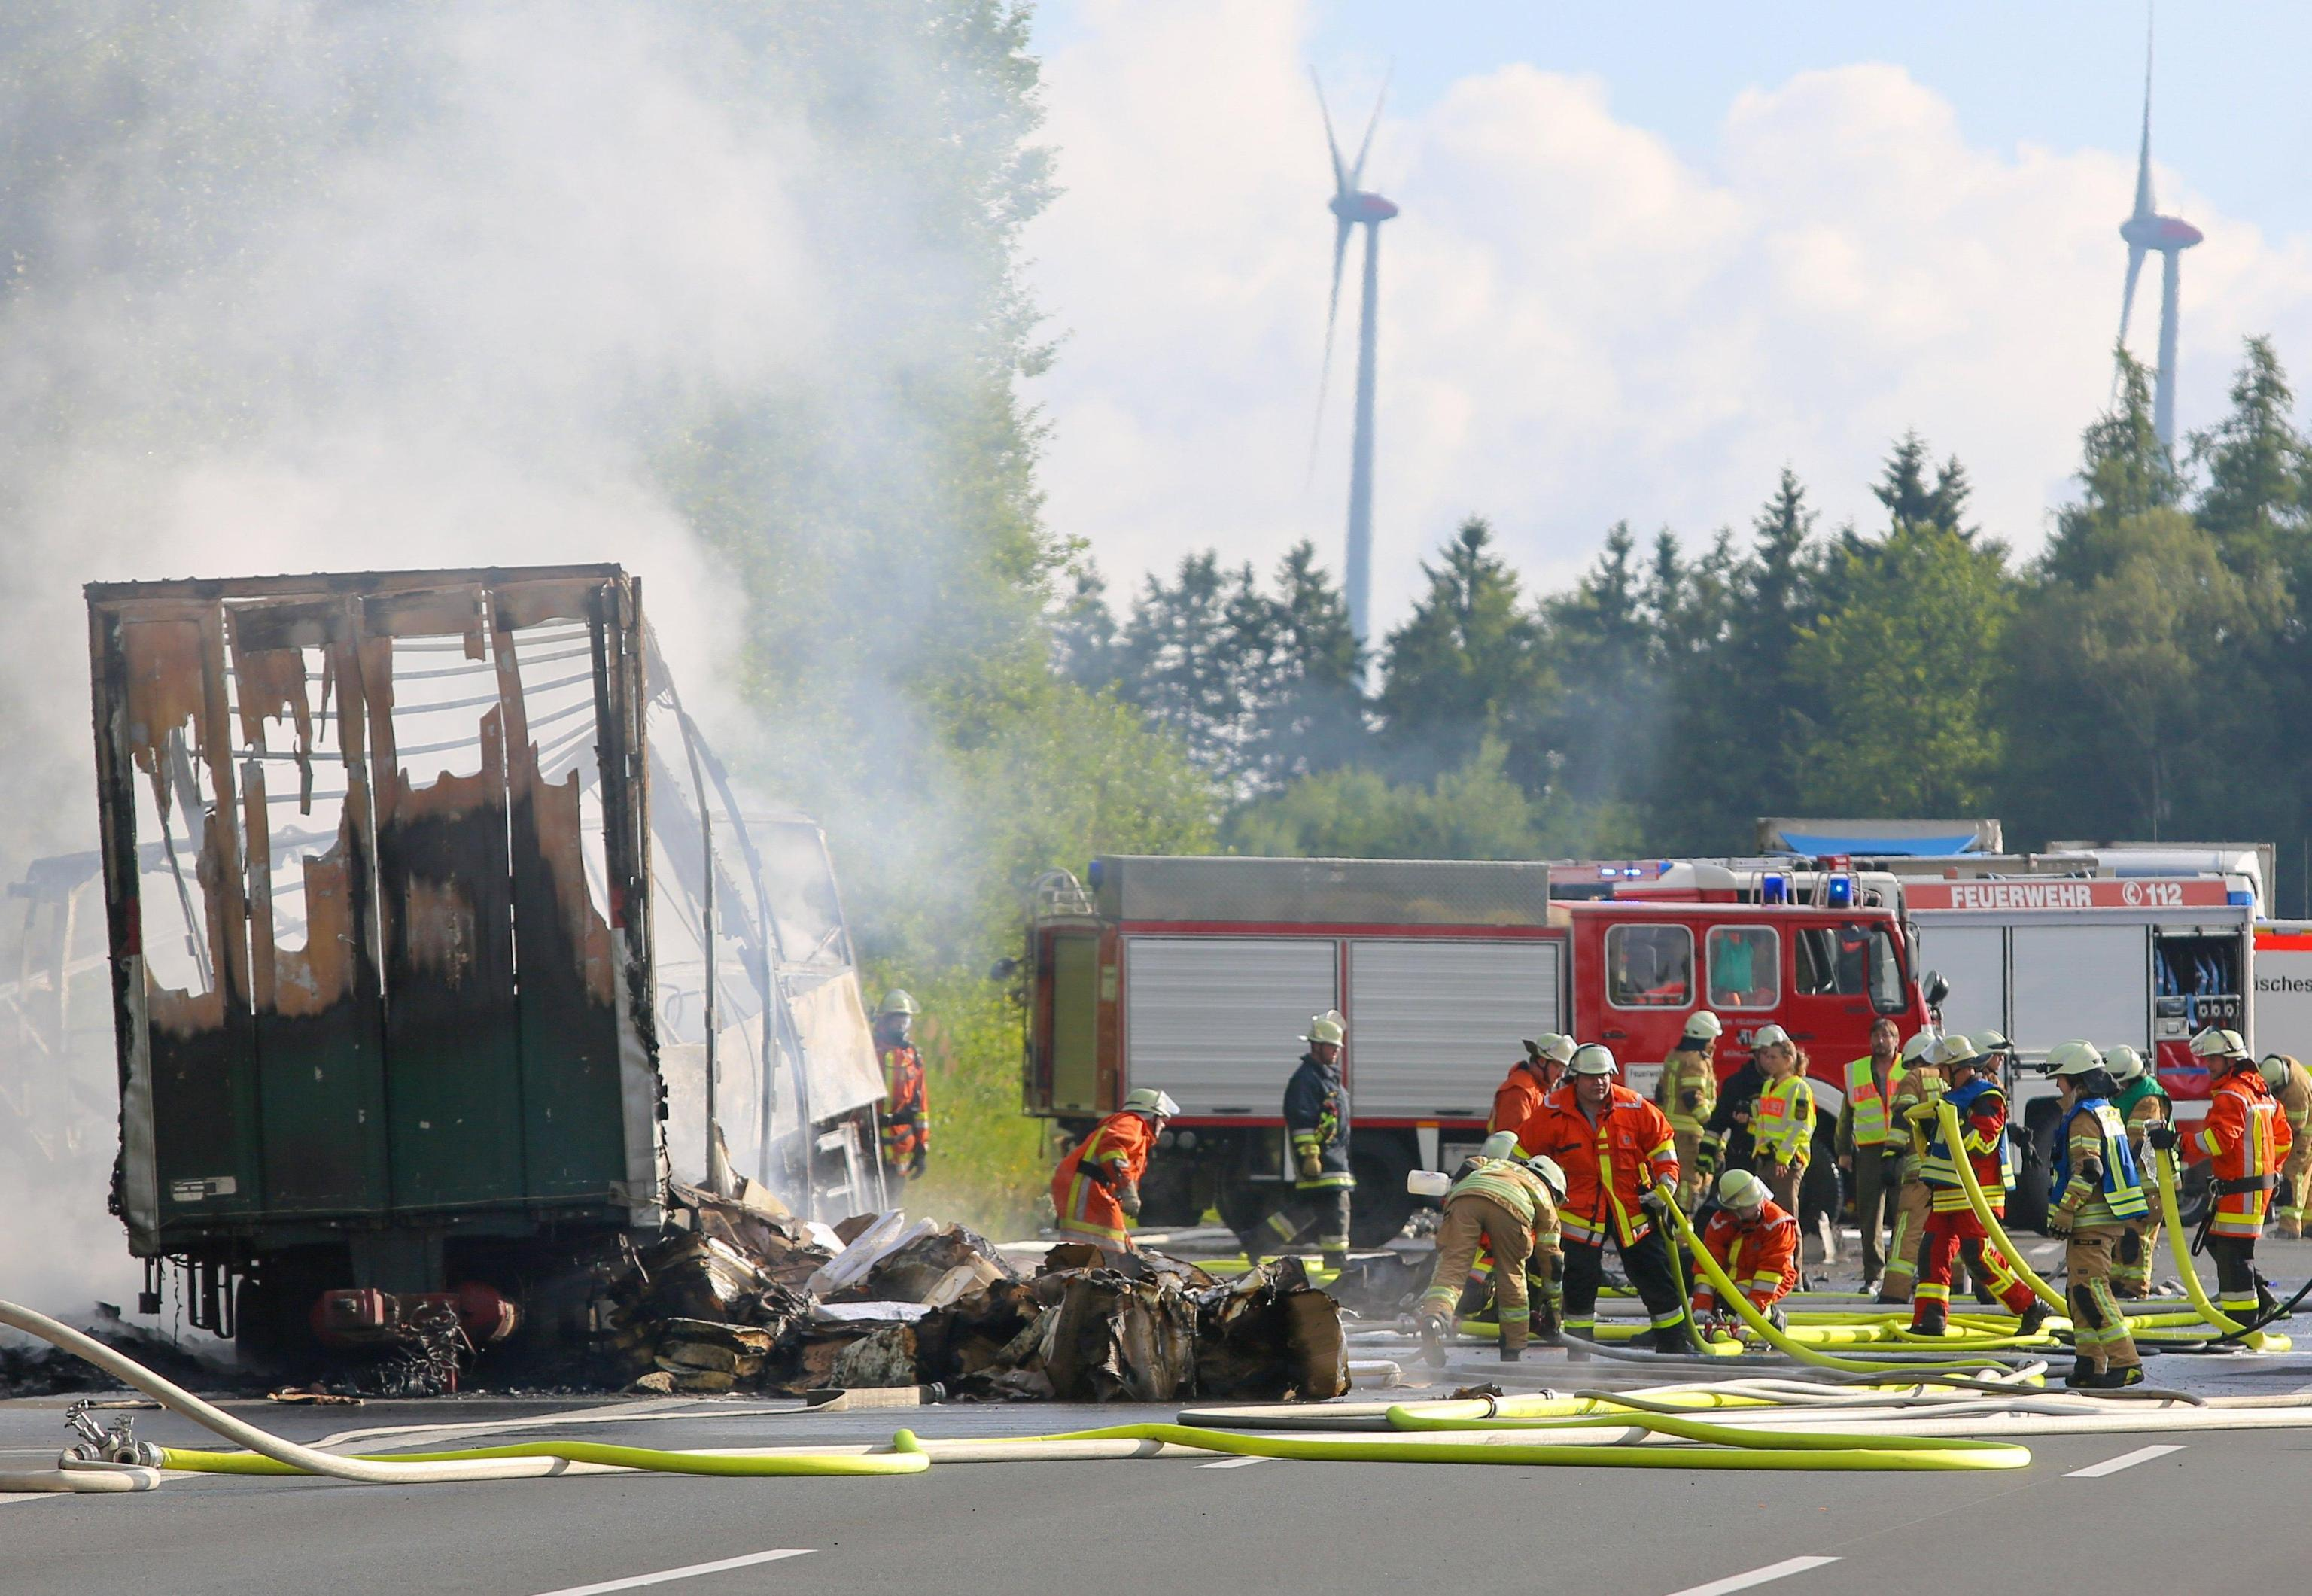 Incidente in Germania, pullman contro camion: si temono 18 morti